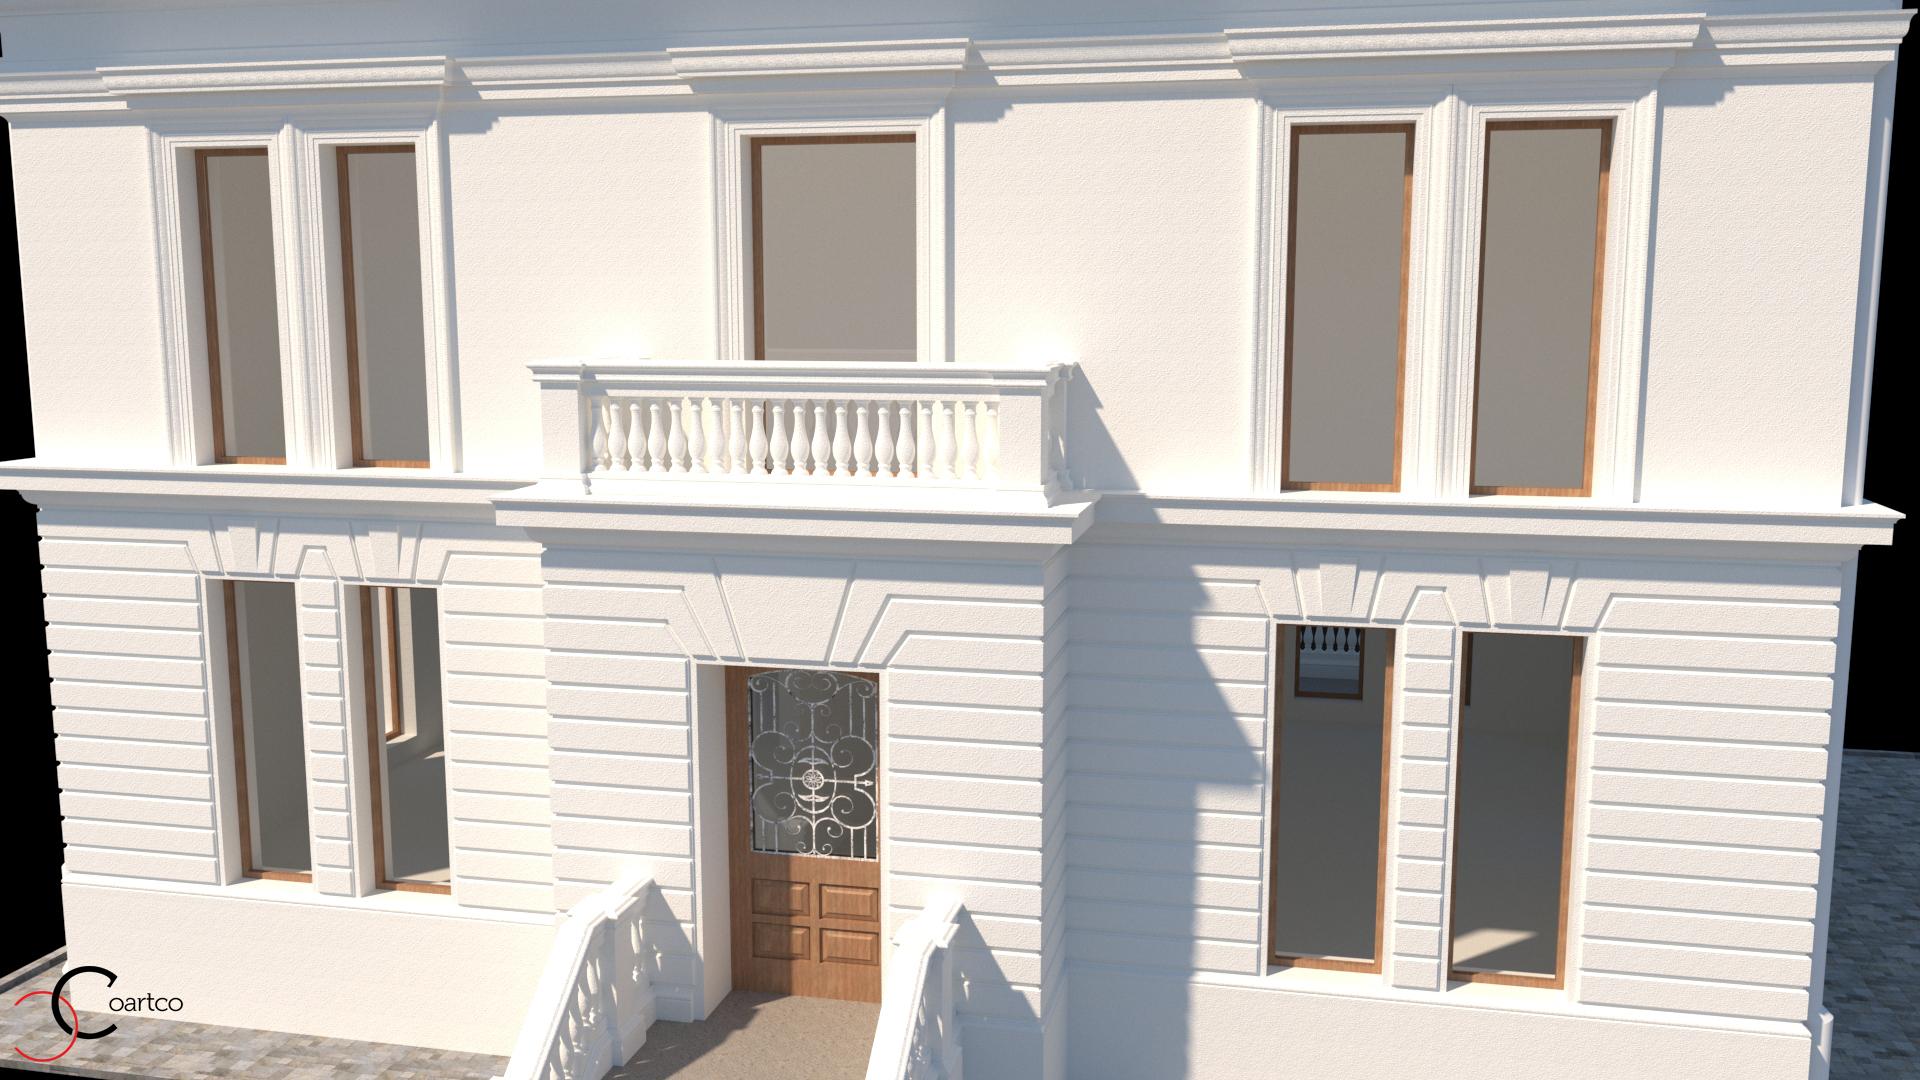 balcon-proiect-firma-arhitectura